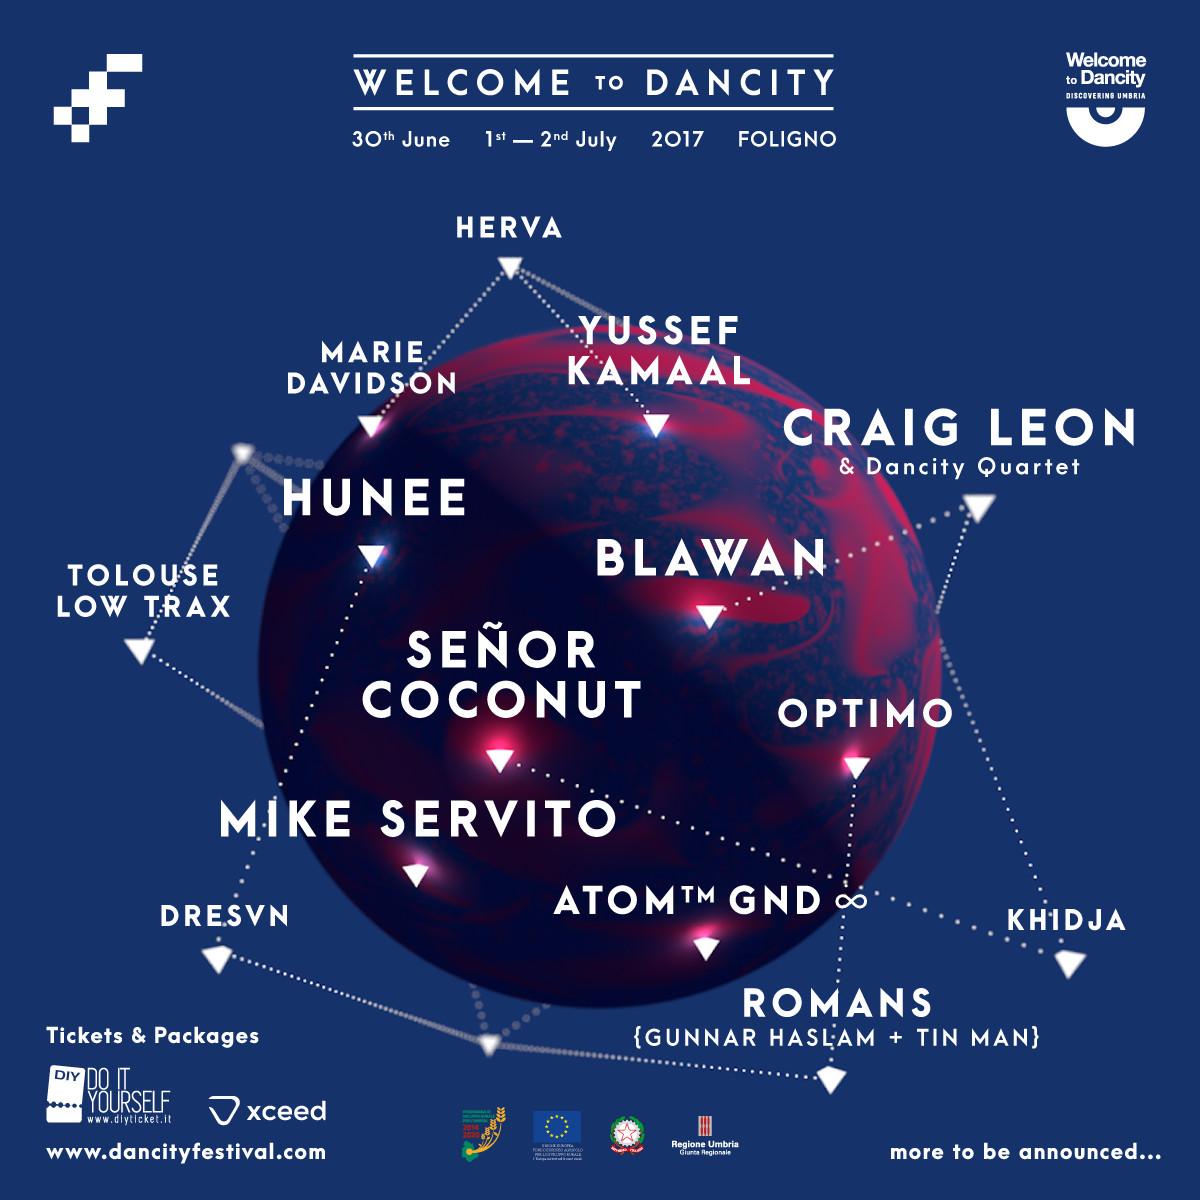 Welcome-to-Dancity-Annuncio-02 SUPER NEW (1)